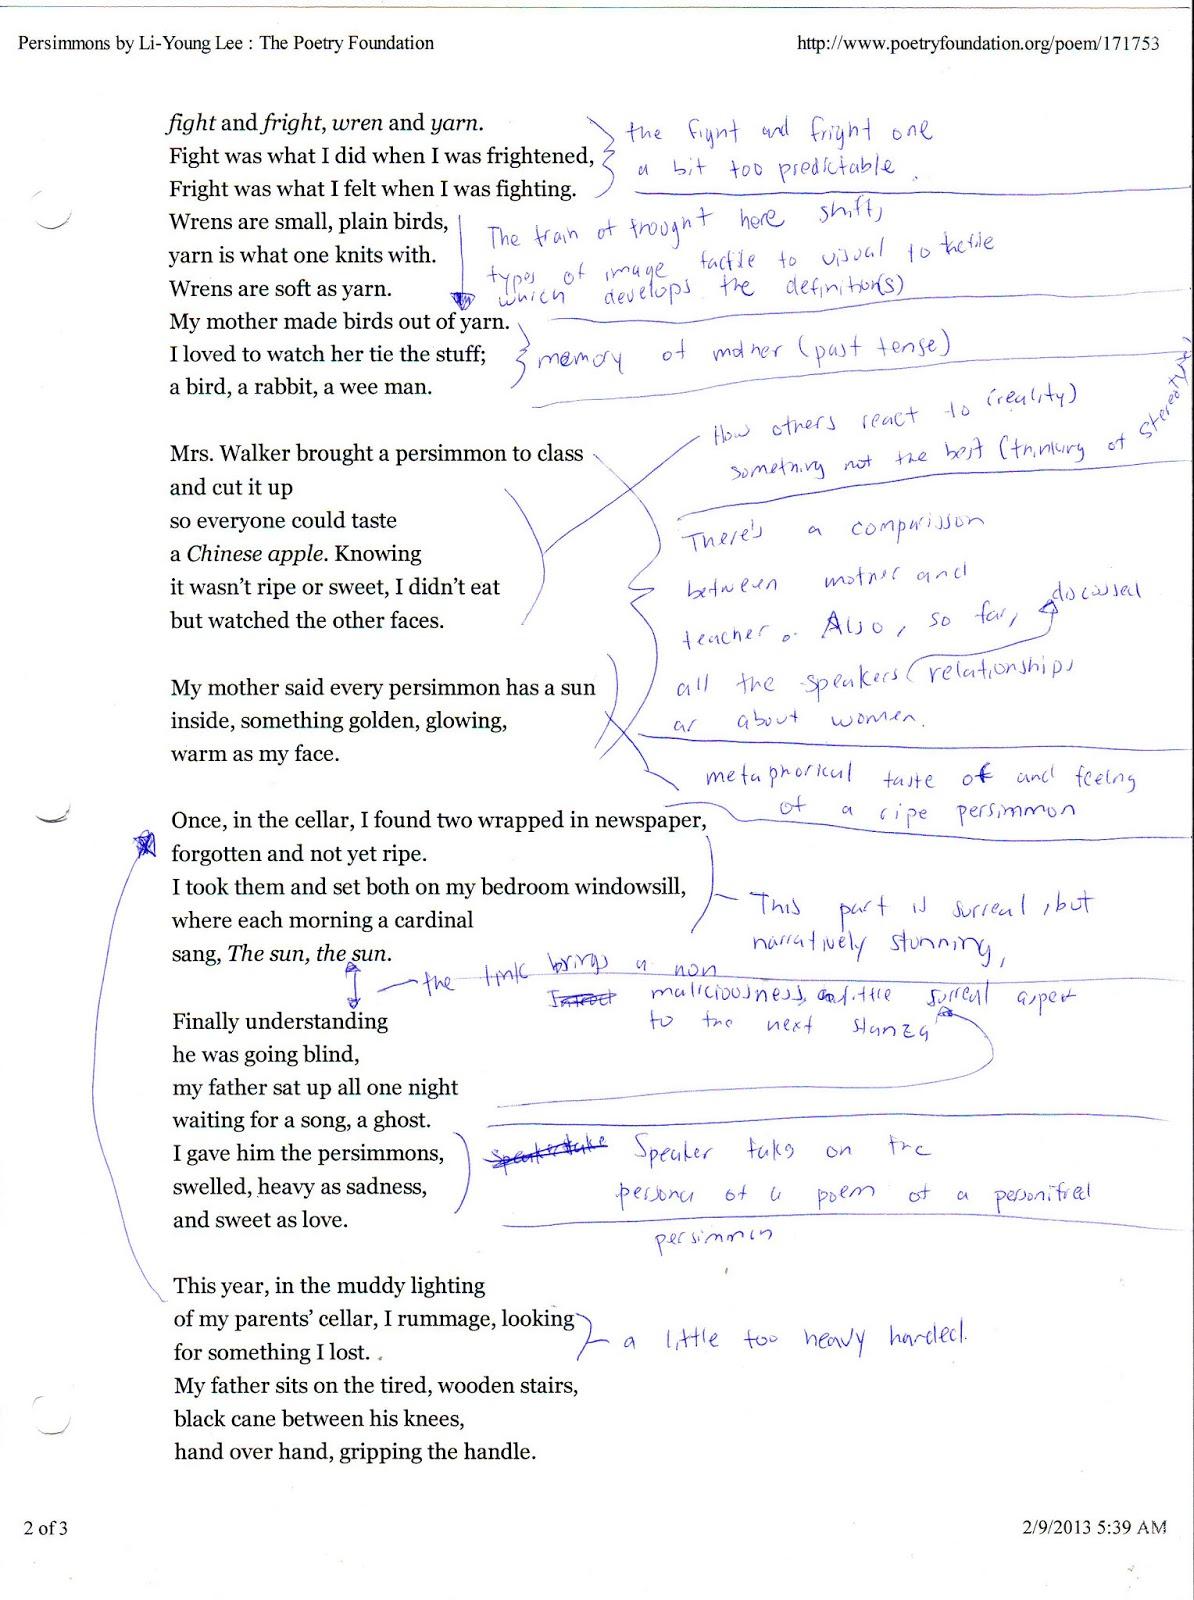 richard cory analysis essay richard cory analysis essay gxart richard cory analysis essay